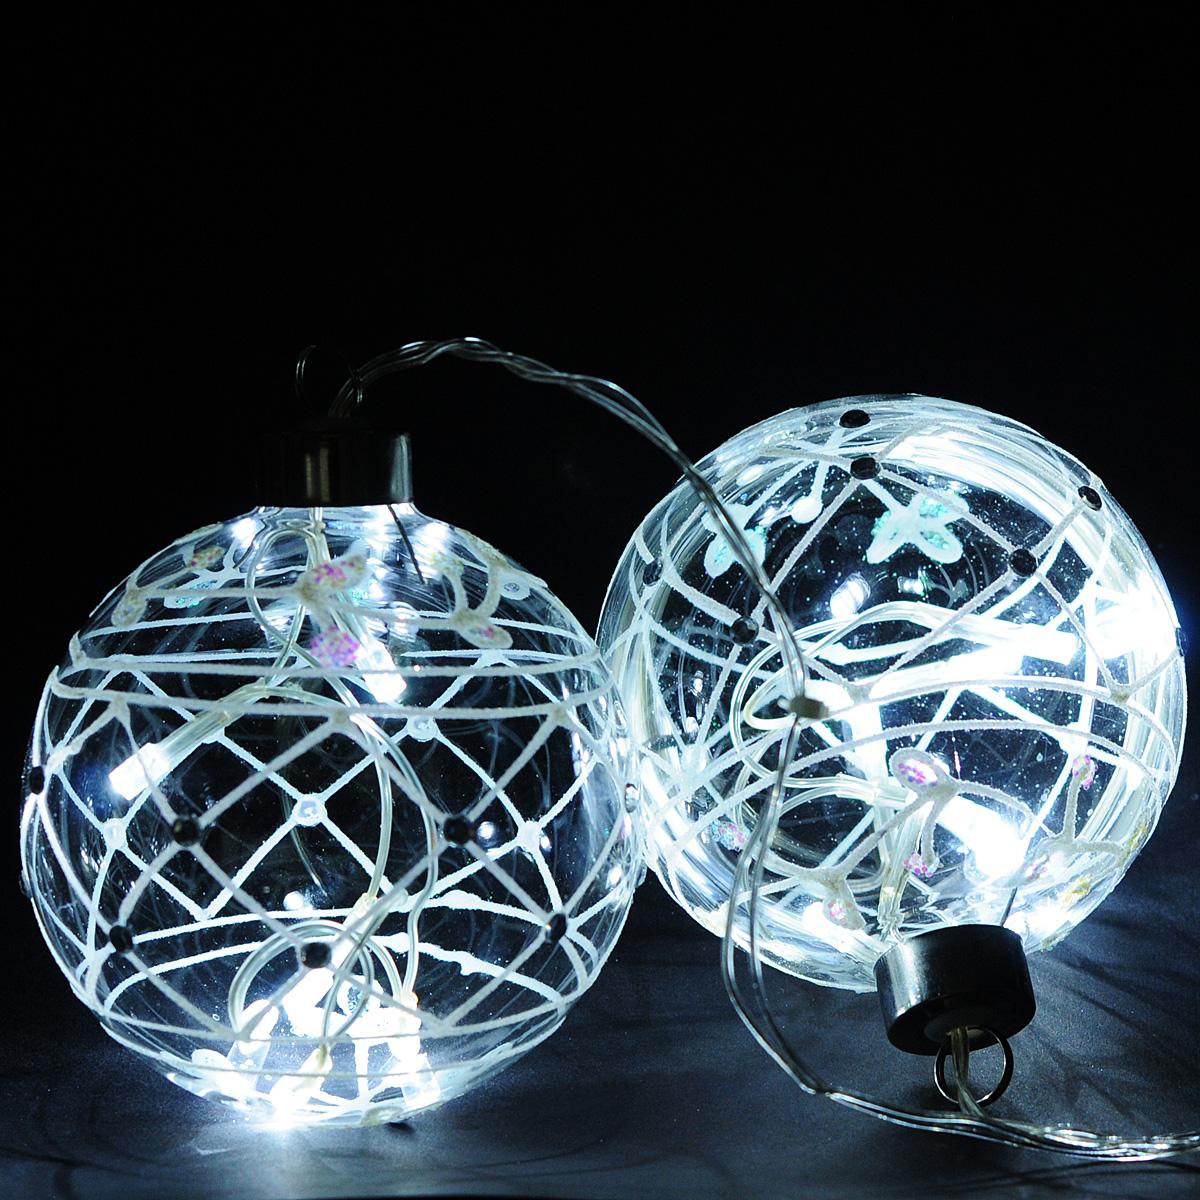 Гирлянда электрическая Lunten Ranta Шары, 12 светодиодов, 1,2 м60061Гирлянда электрическая Lunten Ranta Шары изготовлена из пластика и металла. Гирлянда выполнена в оригинальном стиле в виде двух стеклянных шаров, в которые помещены светодиоды. Шары декорированы блестками. Такая гирлянда украсит ваш дом. Оригинальный дизайн и красочное исполнение создадут праздничное настроение. Откройте для себя удивительный мир сказок и грез. Почувствуйте волшебные минуты ожидания праздника, создайте новогоднее настроение вашим дорогим и близким.Работает от сети 220В.